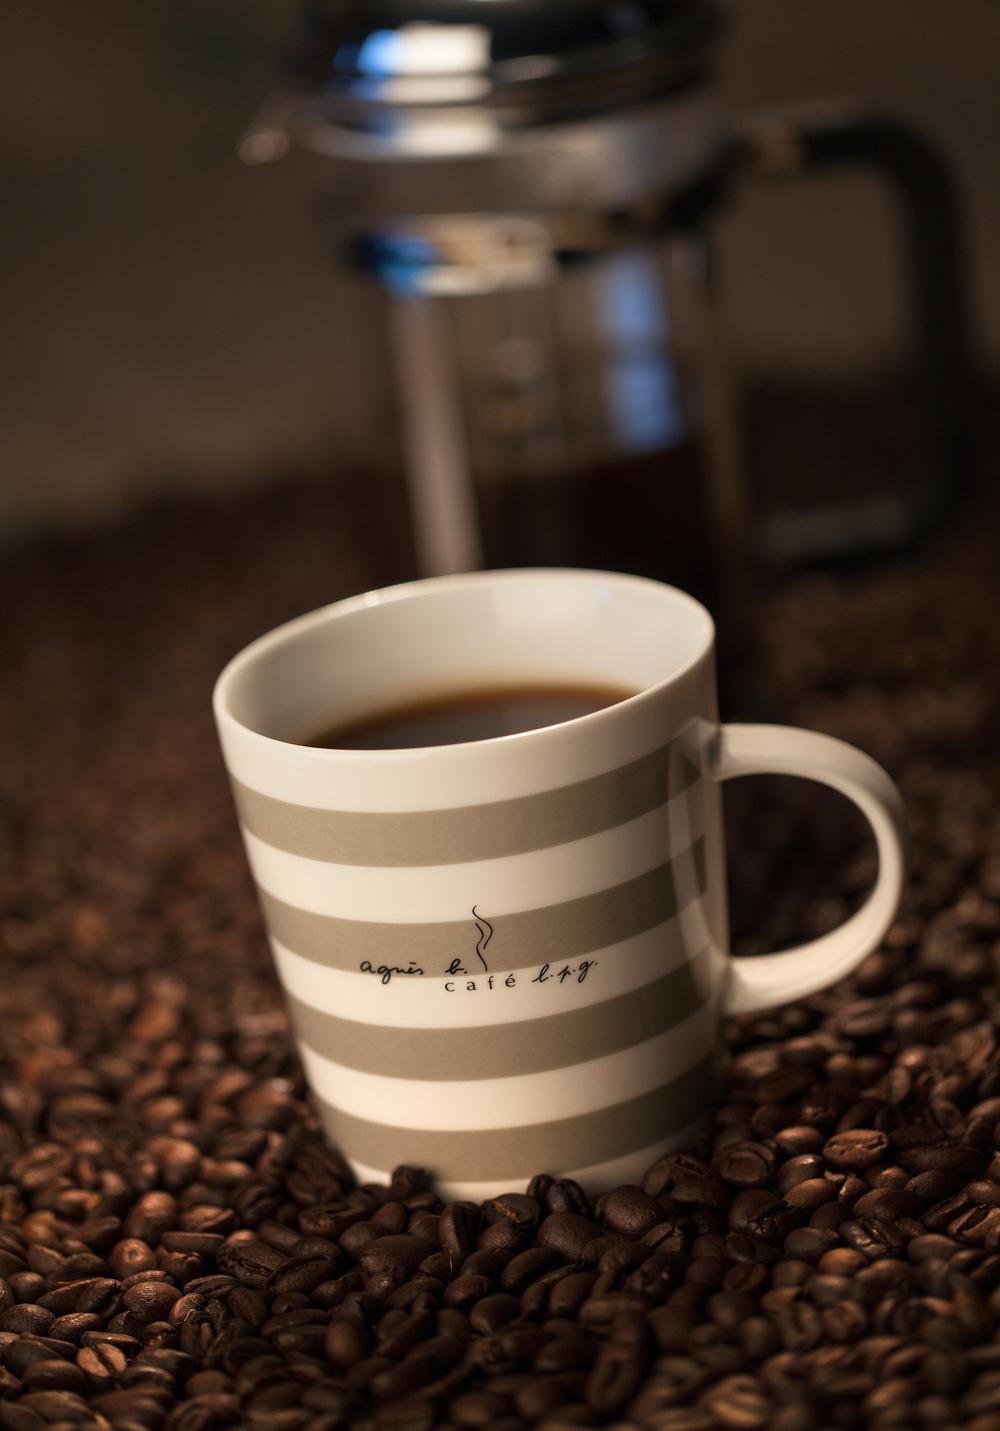 20140511_HKG_CoffeeStudio308.JPG